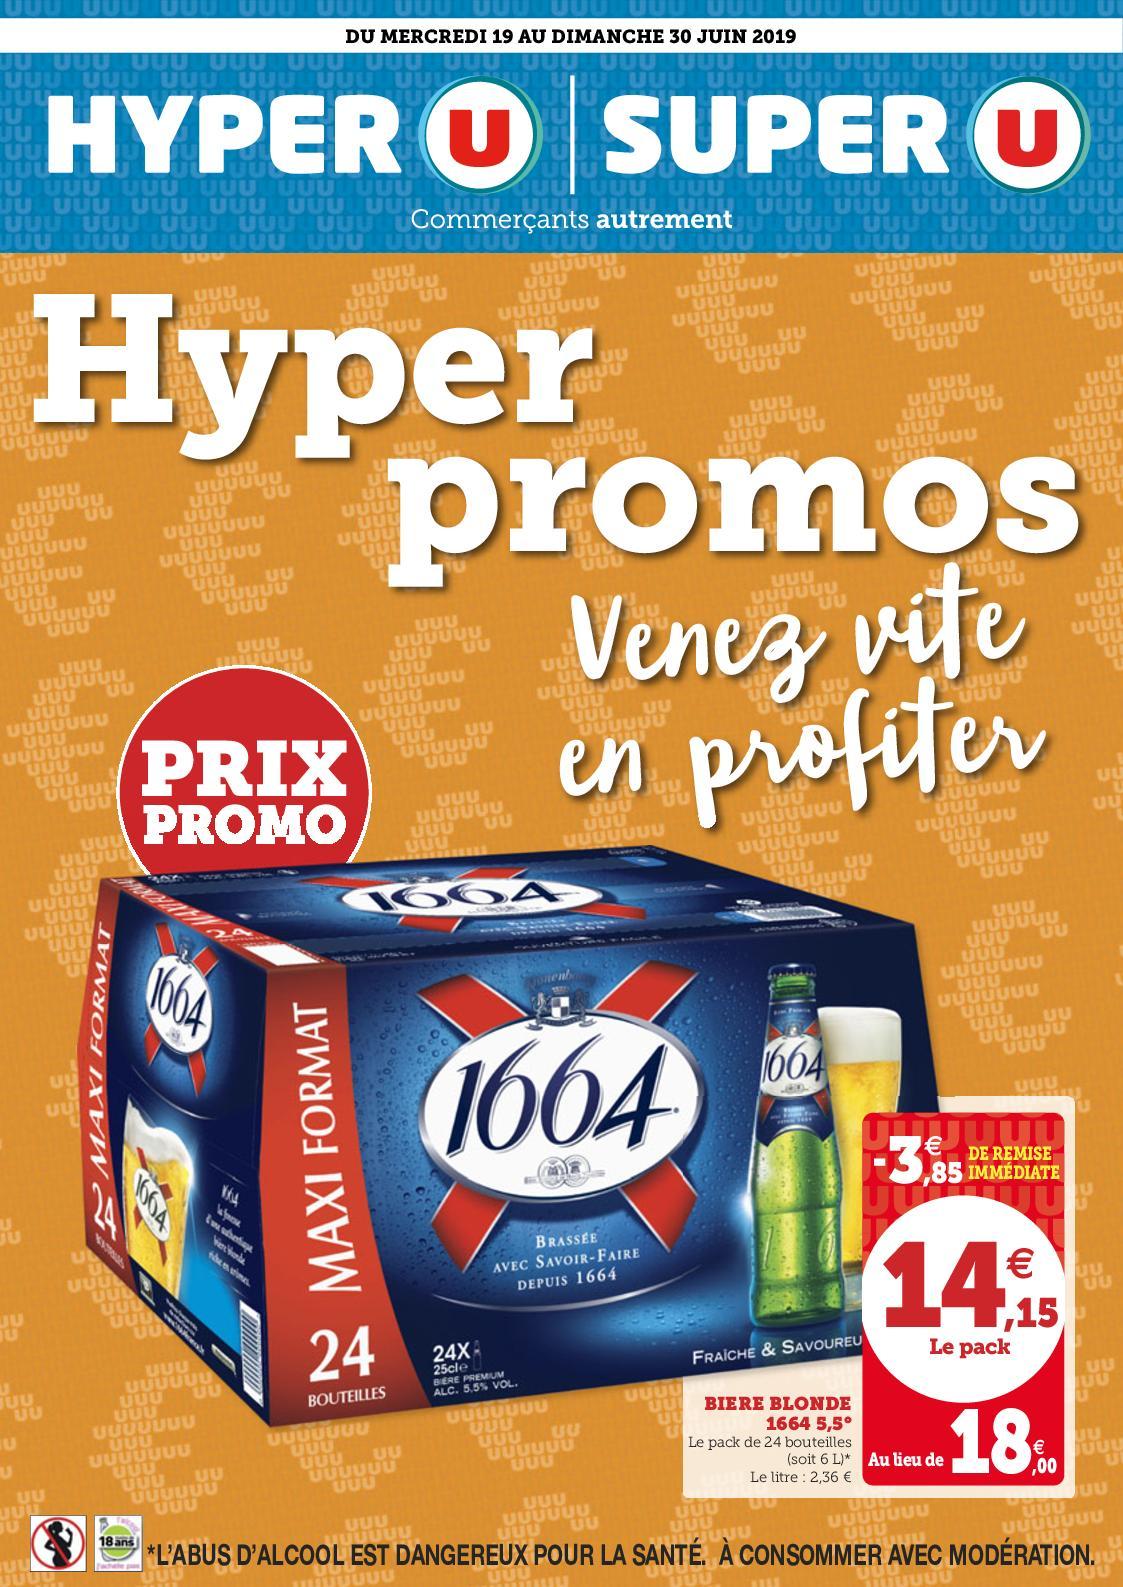 Catalogue du 19/06 Au 30/06 Hyper Promos